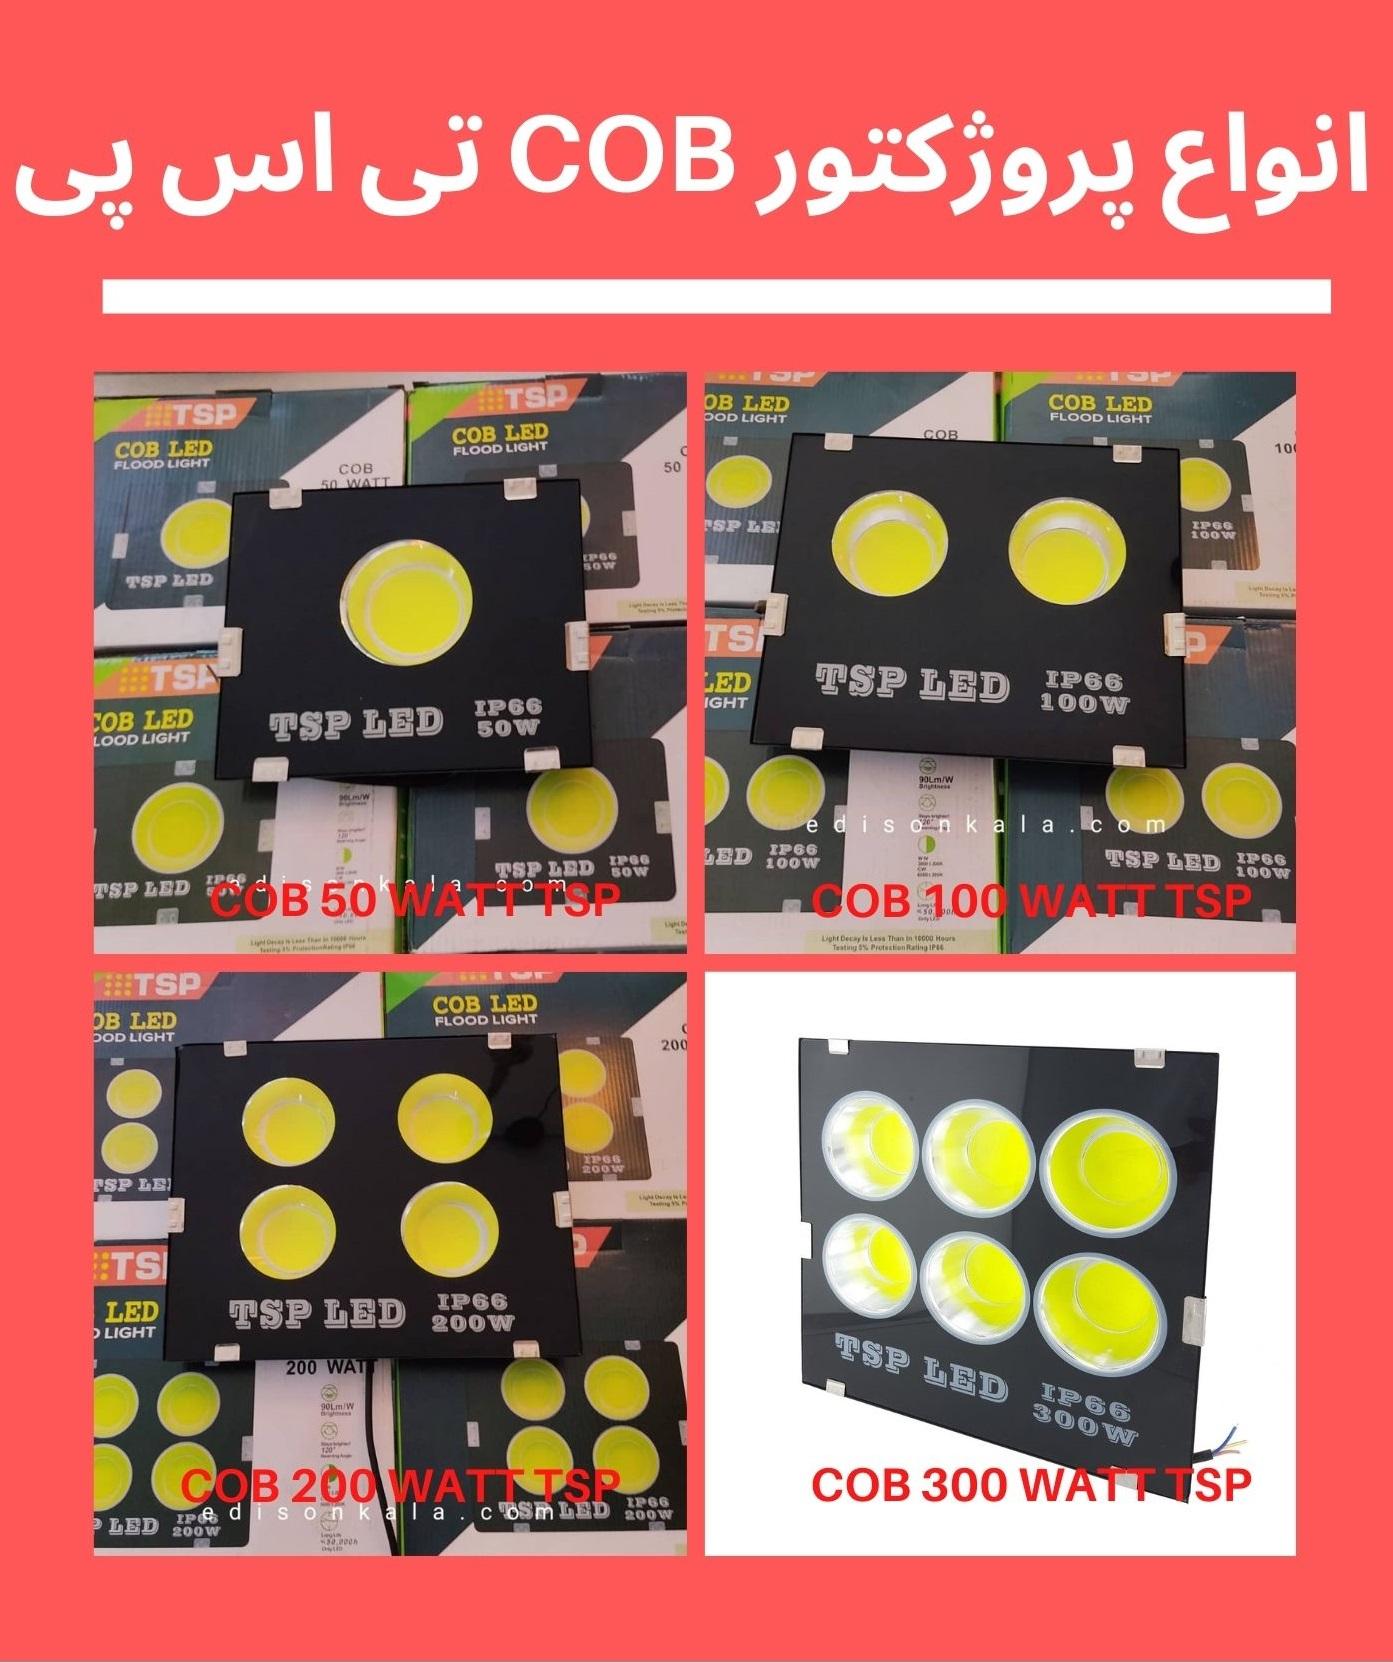 انواع پروژکتور cob تی اس پی